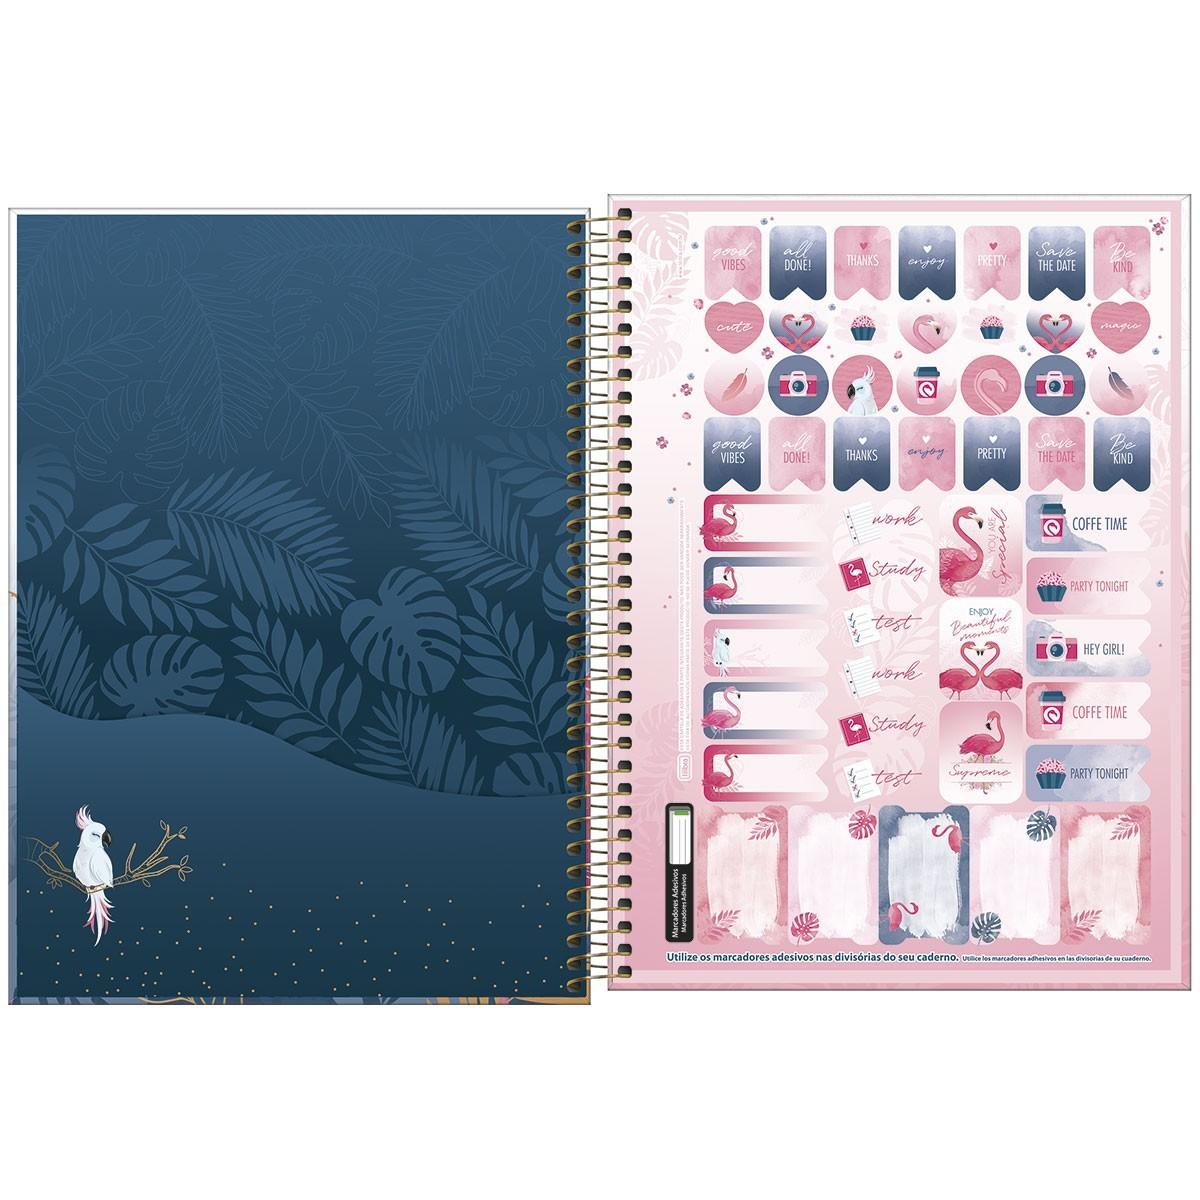 Caderno Universitário 1x1 CD 80 Folhas Aloha 3 Tilibra